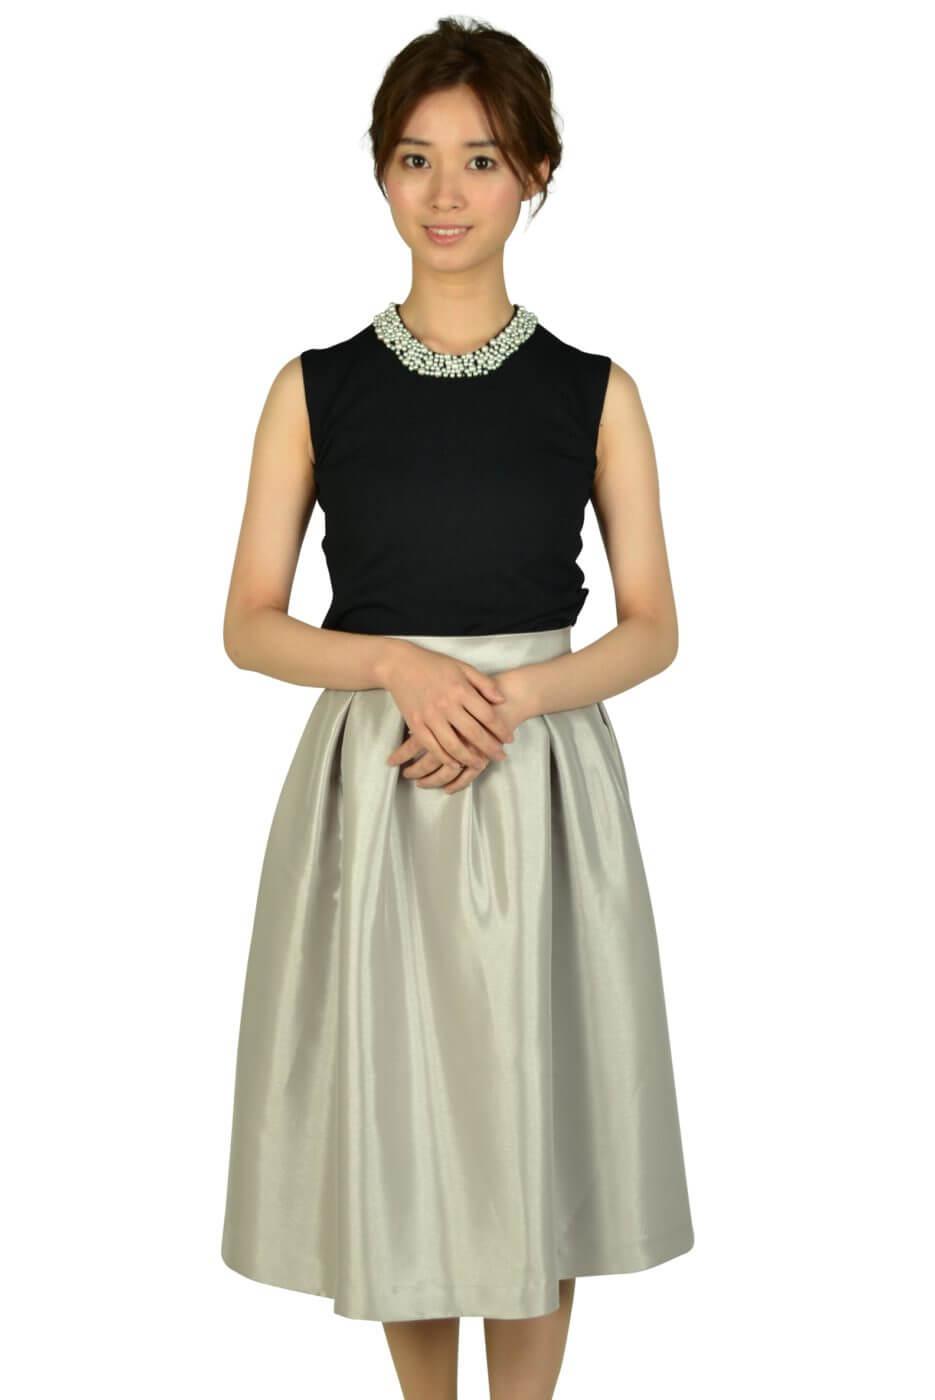 アティラントーレ (Attirantore)サマーニットスカートシルバードレス